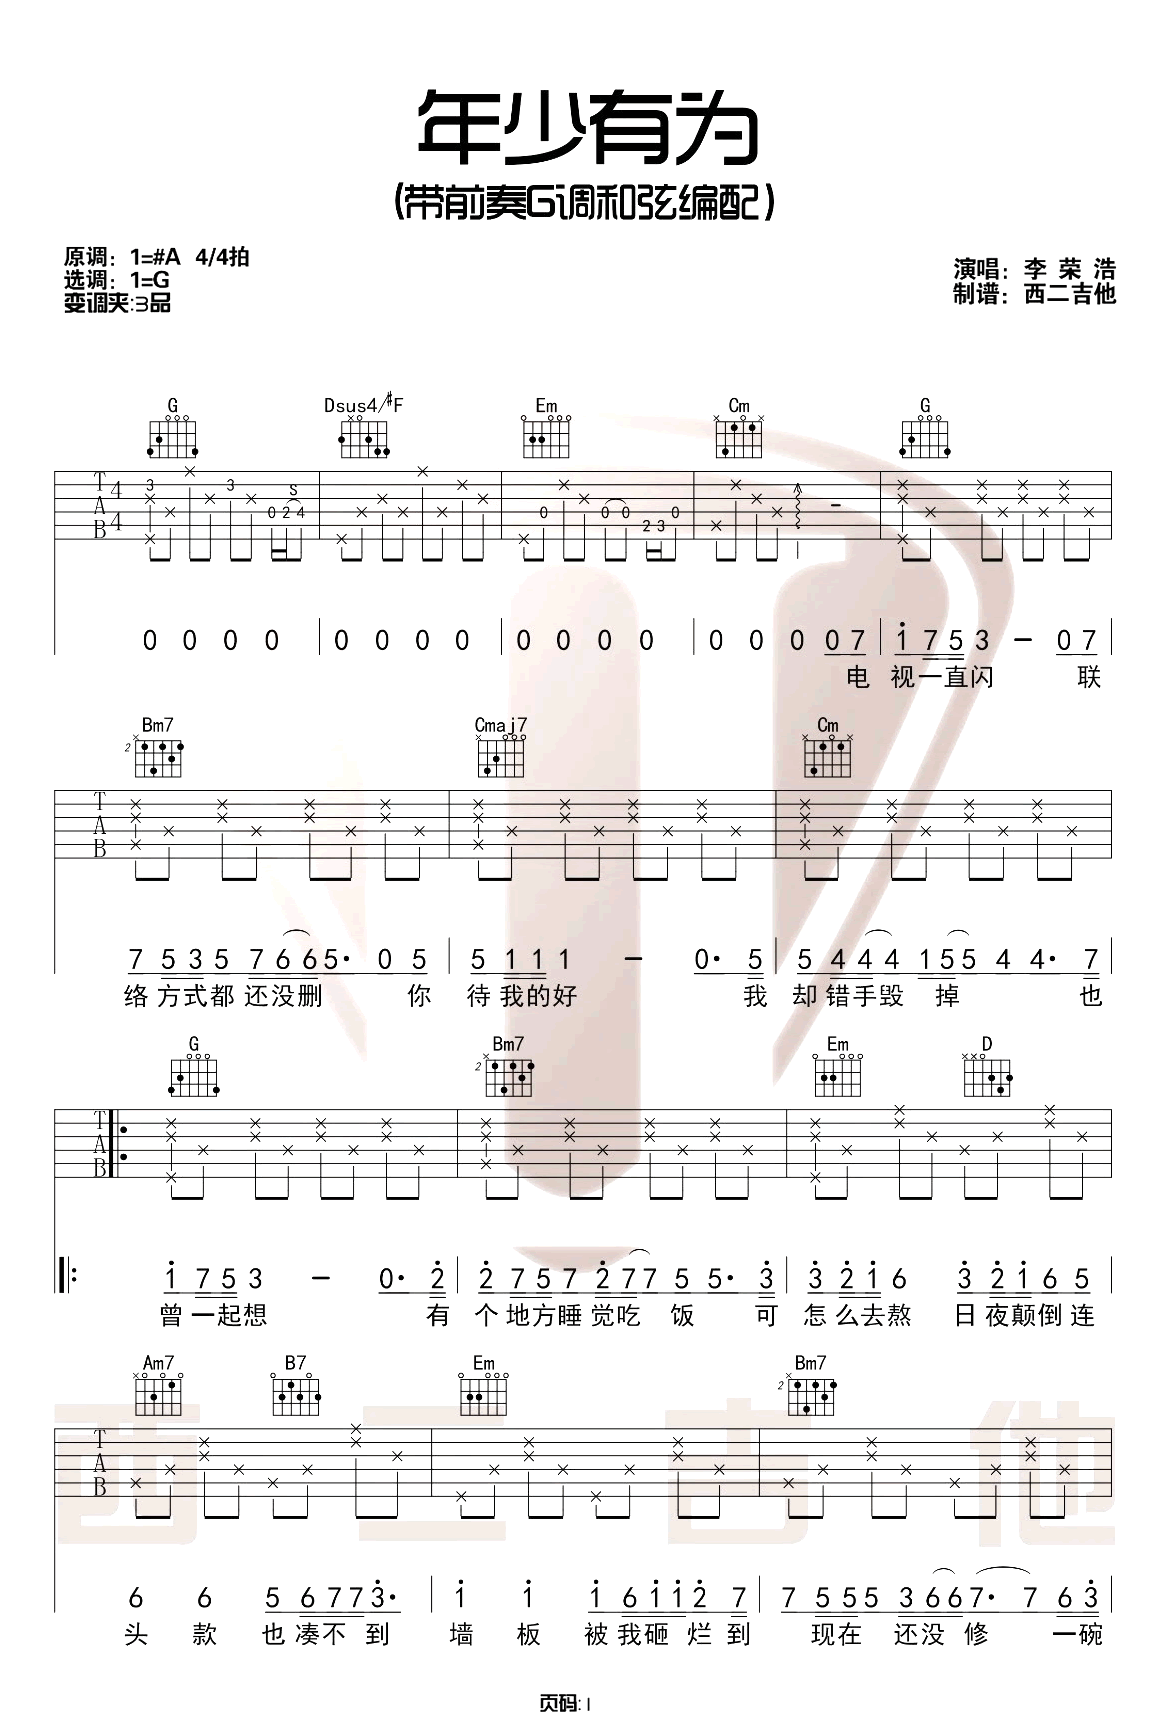 《年少有为》吉他谱_李荣浩_G调原版吉他弹唱六线谱_高清图片谱1